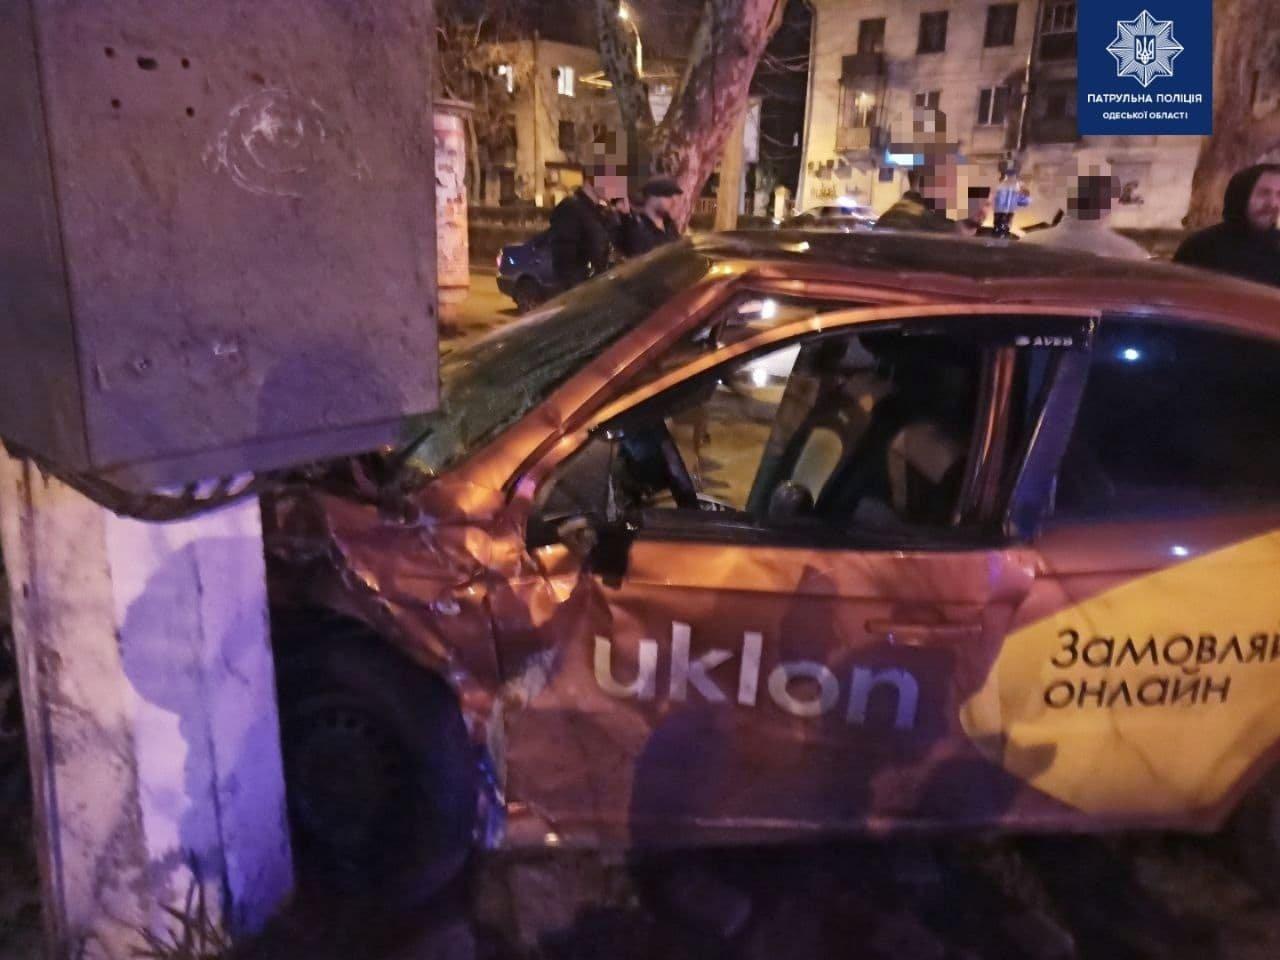 В Одессе произошло ДТП с участием такси: троих человек госпитализировали, - ФОТО, фото-1